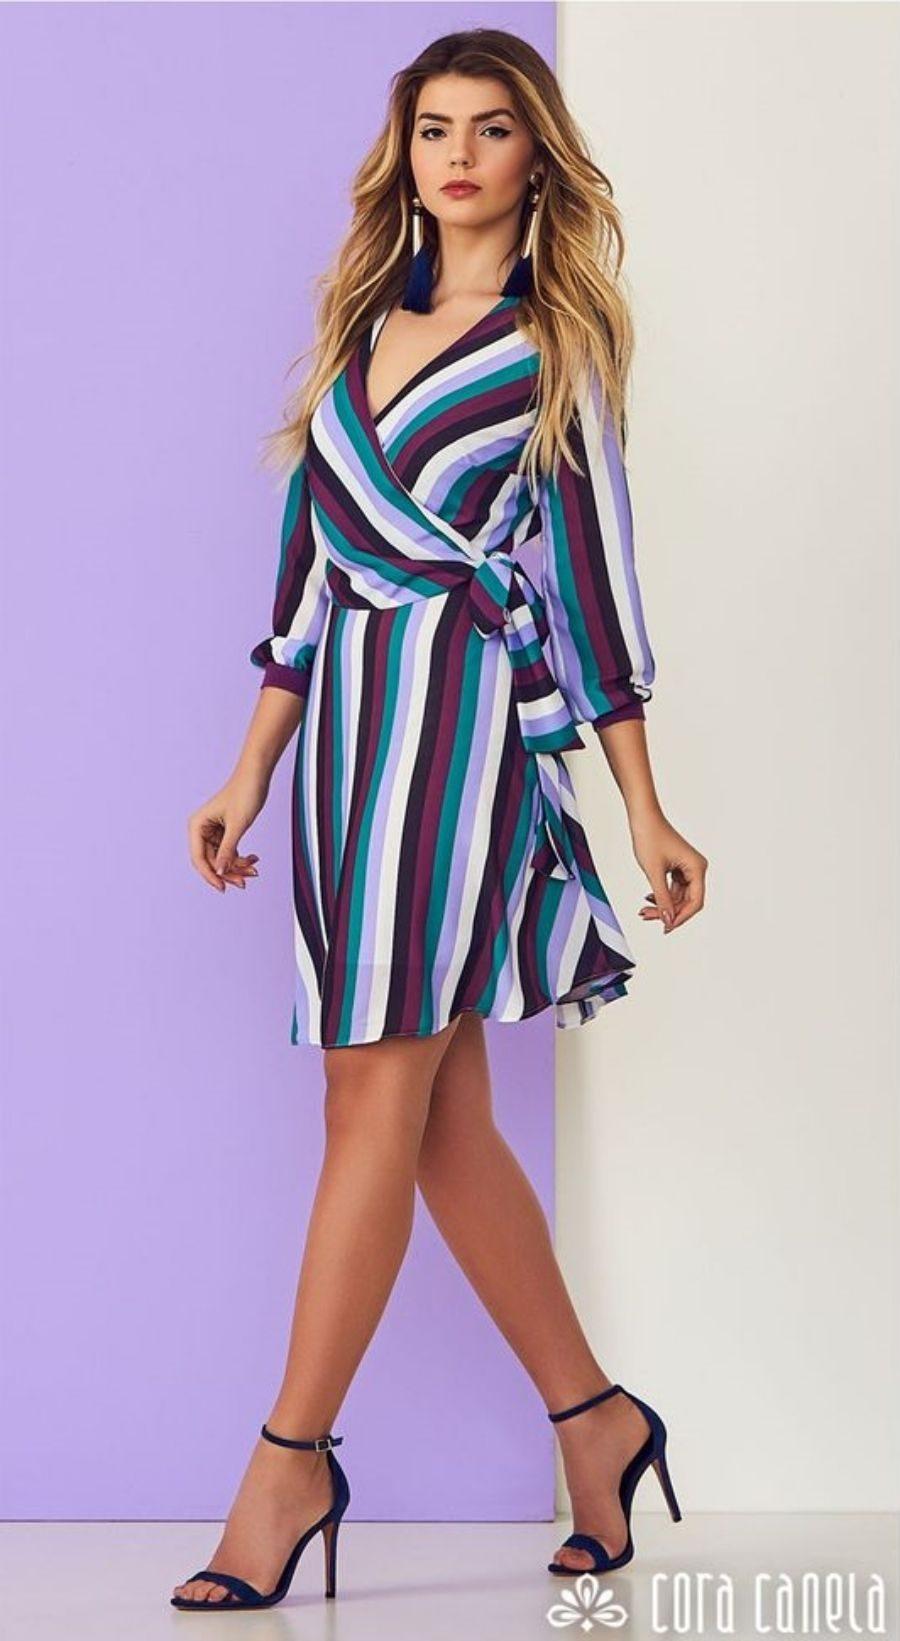 Moda anti-idade: vestido de listras